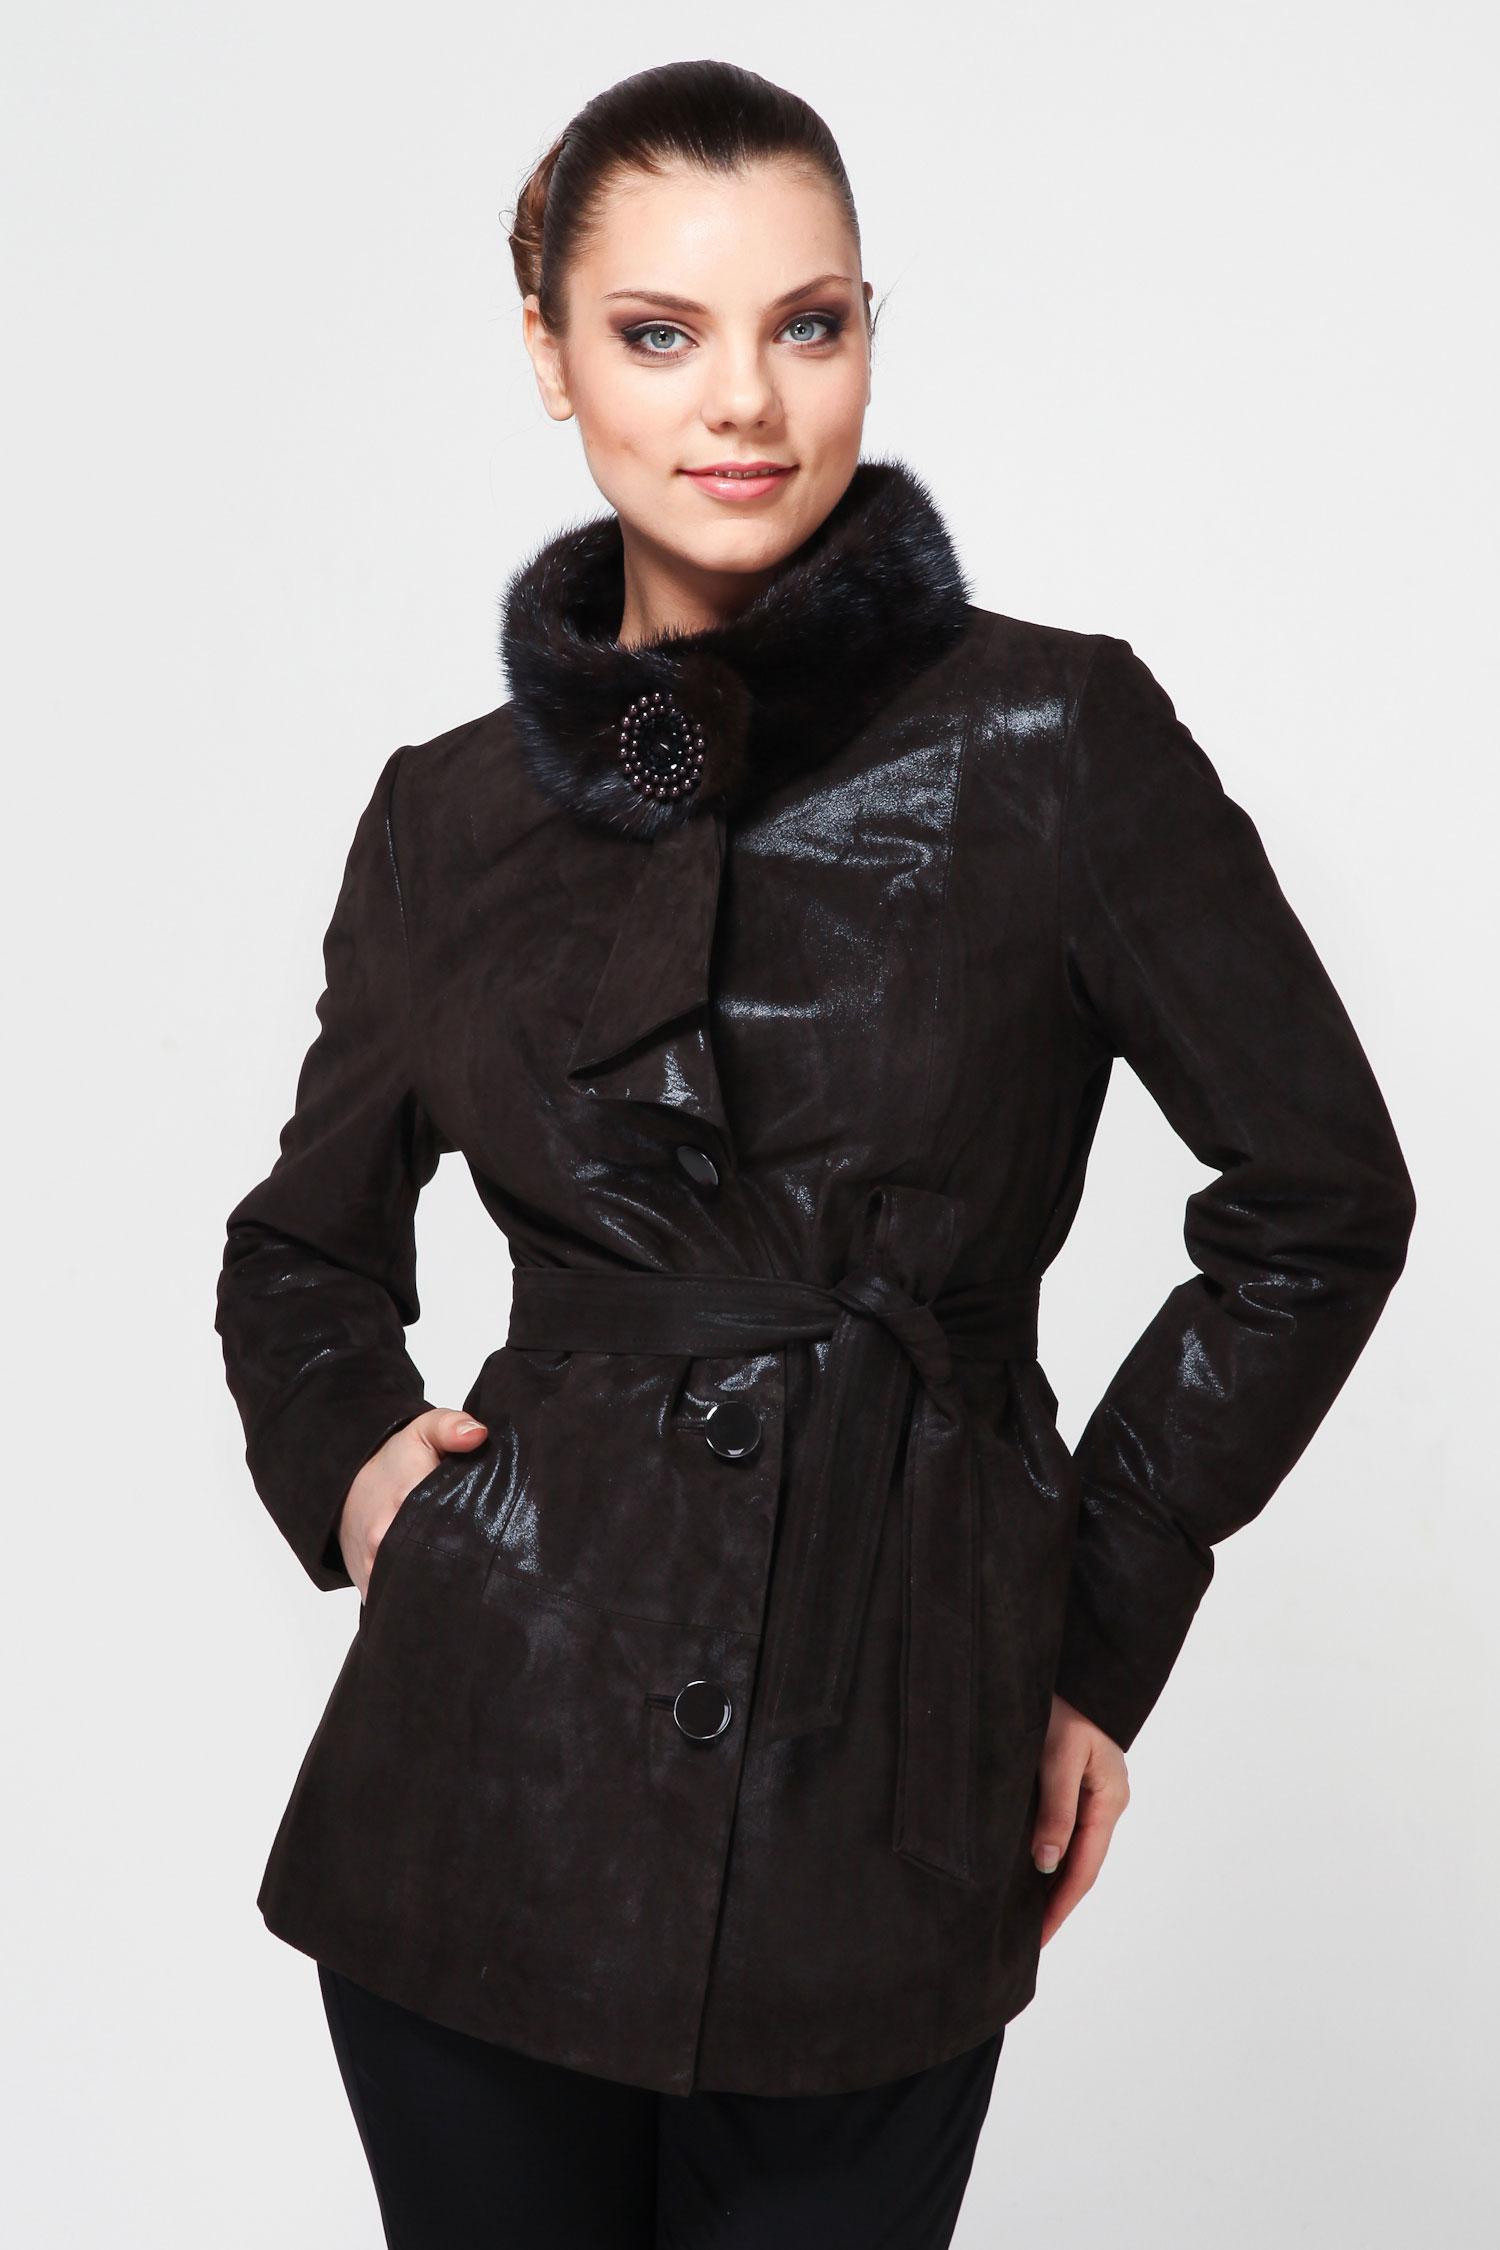 Женская кожаная курткая из натуральной кожи с воротником, отделка норка